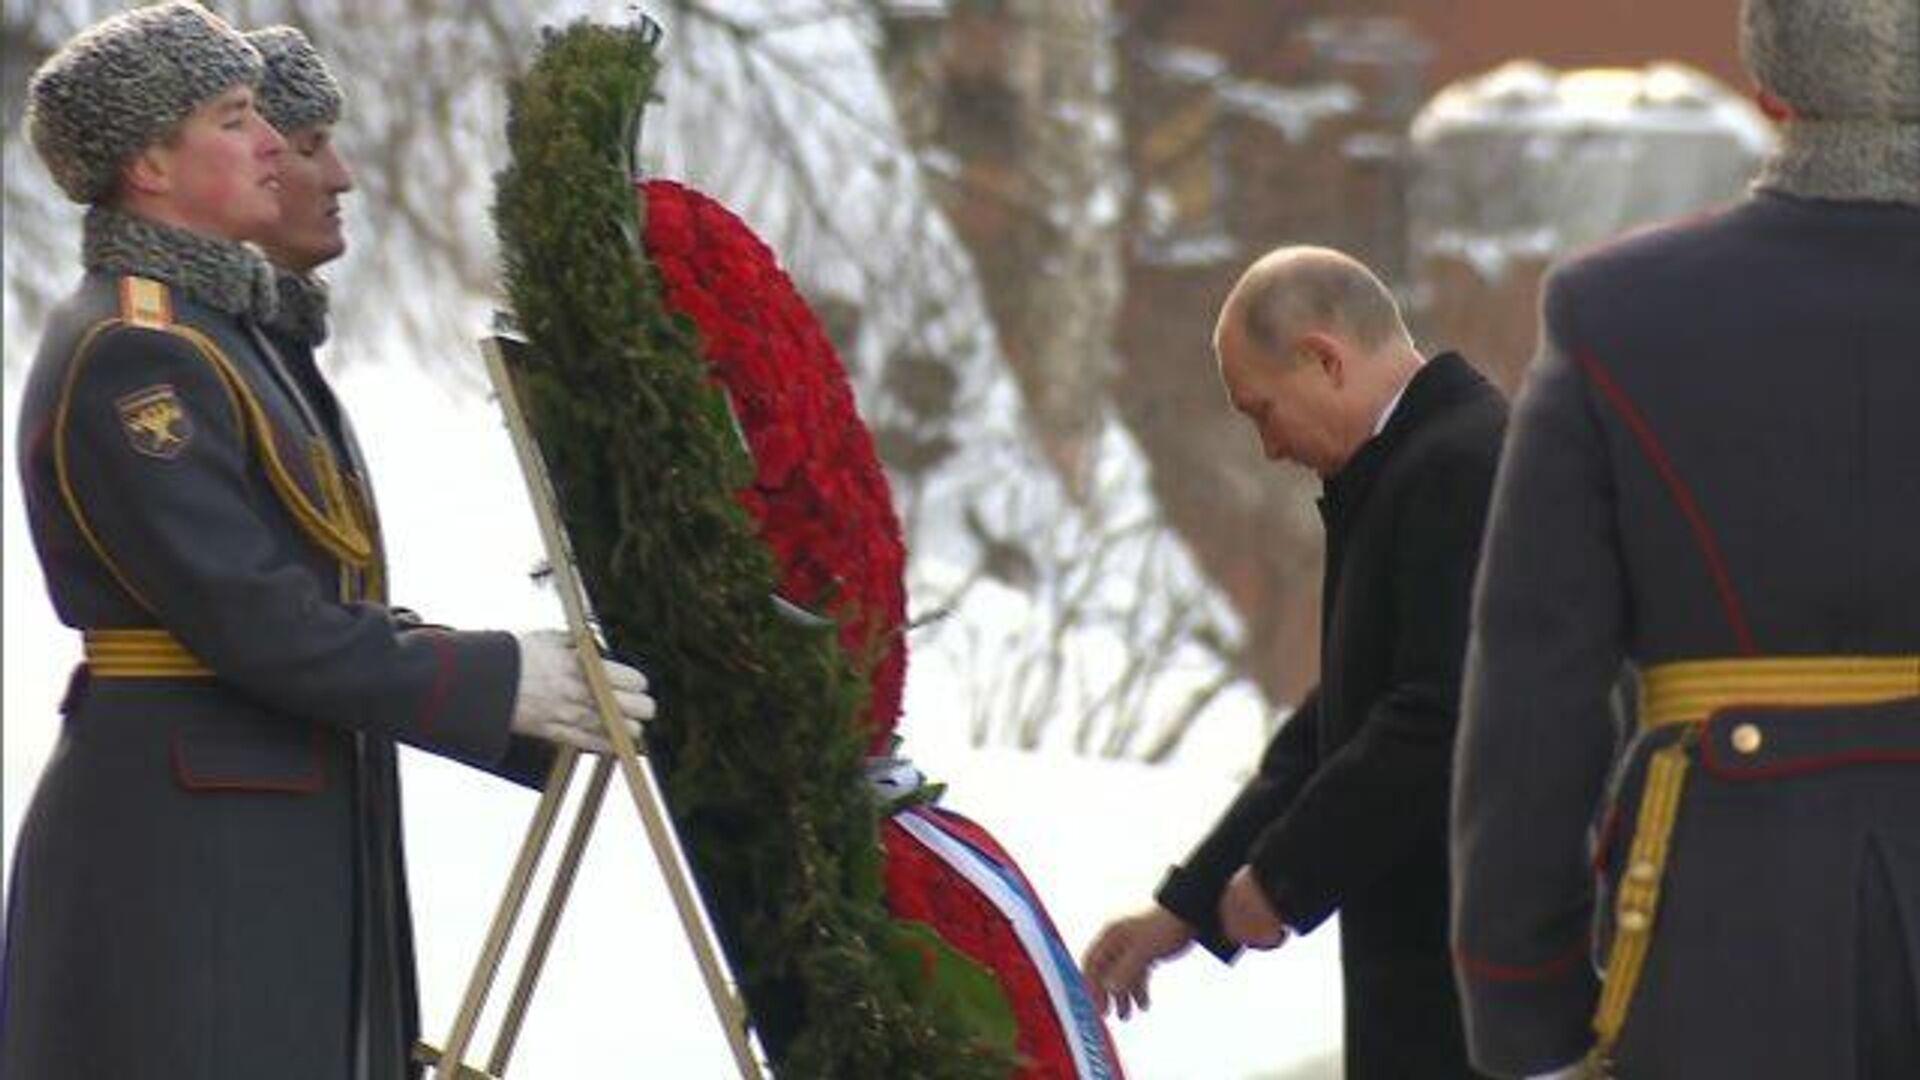 Путин возложил венок к Могиле Неизвестного Солдата. Кадры церемонии - РИА Новости, 1920, 23.02.2021